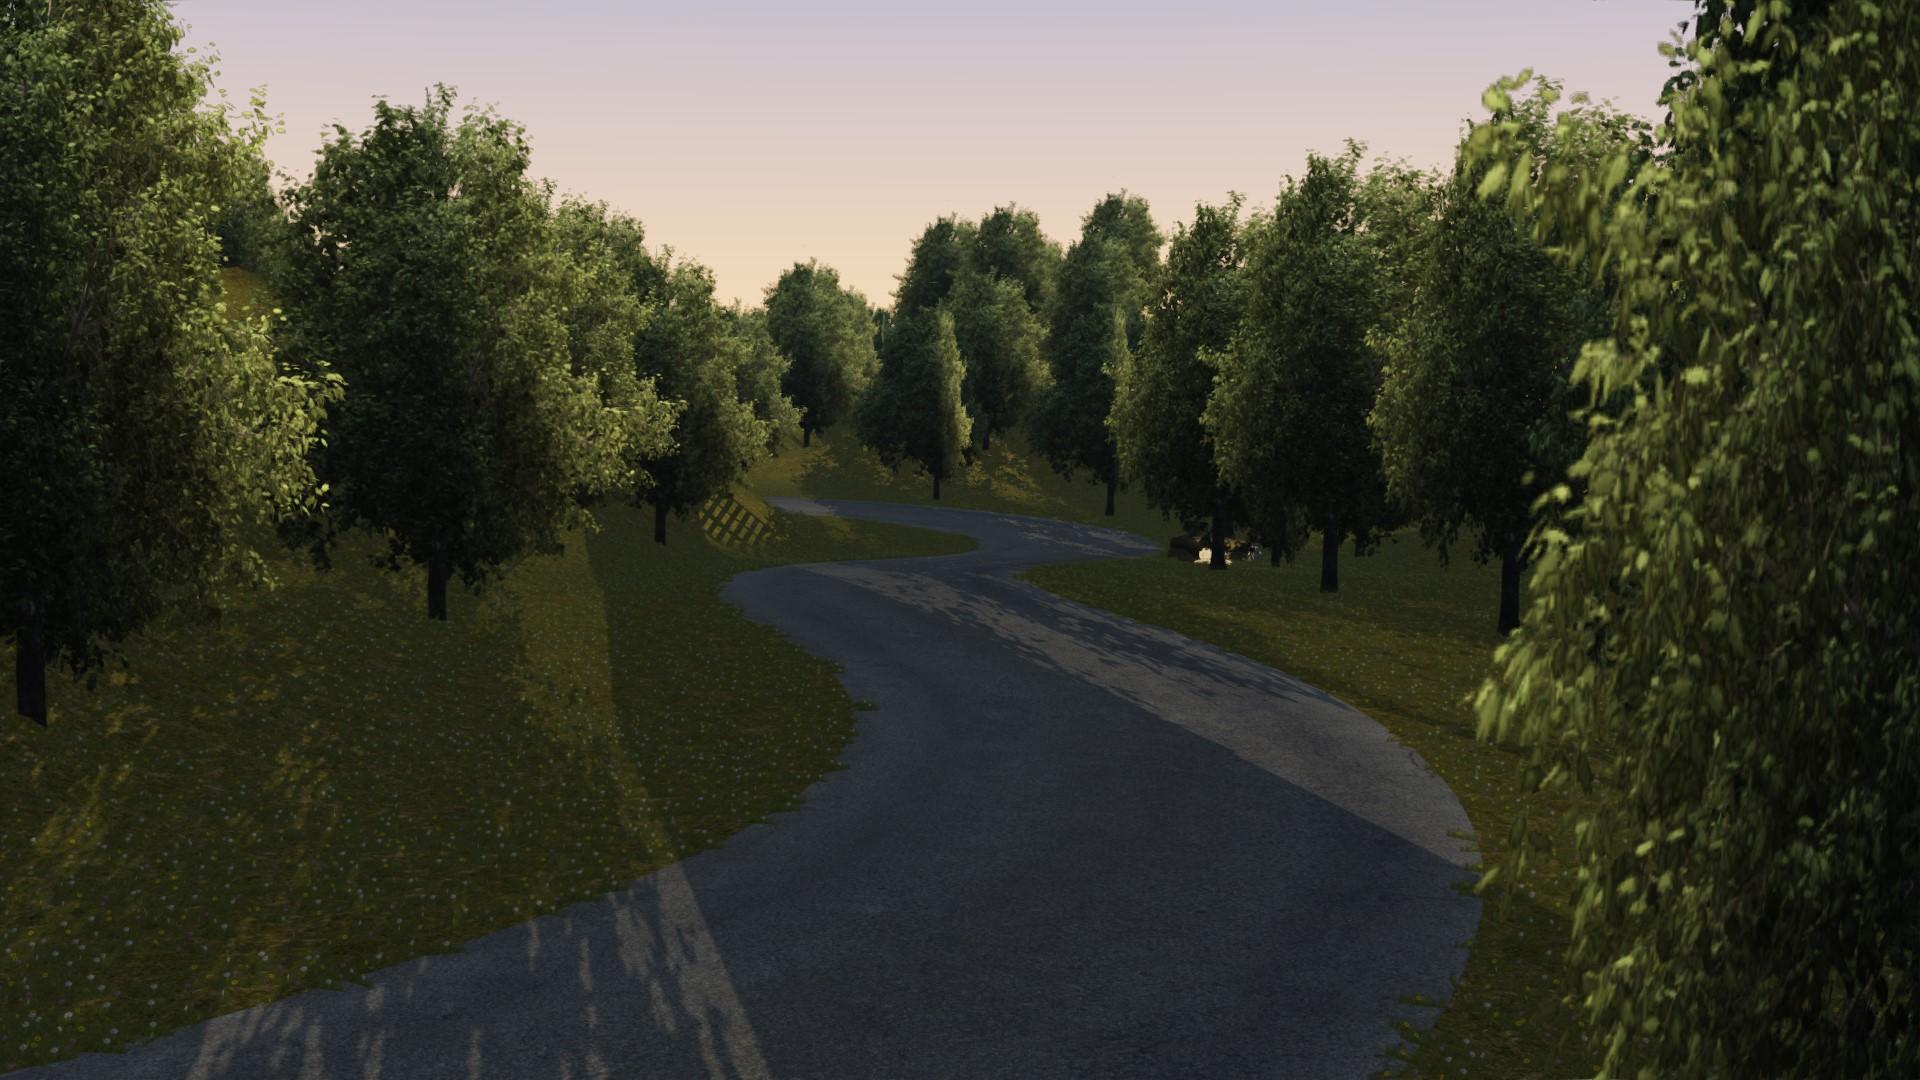 Screenshot_ks_toyota_gt86_greenhills_15-2-116-2-19-23.jpg